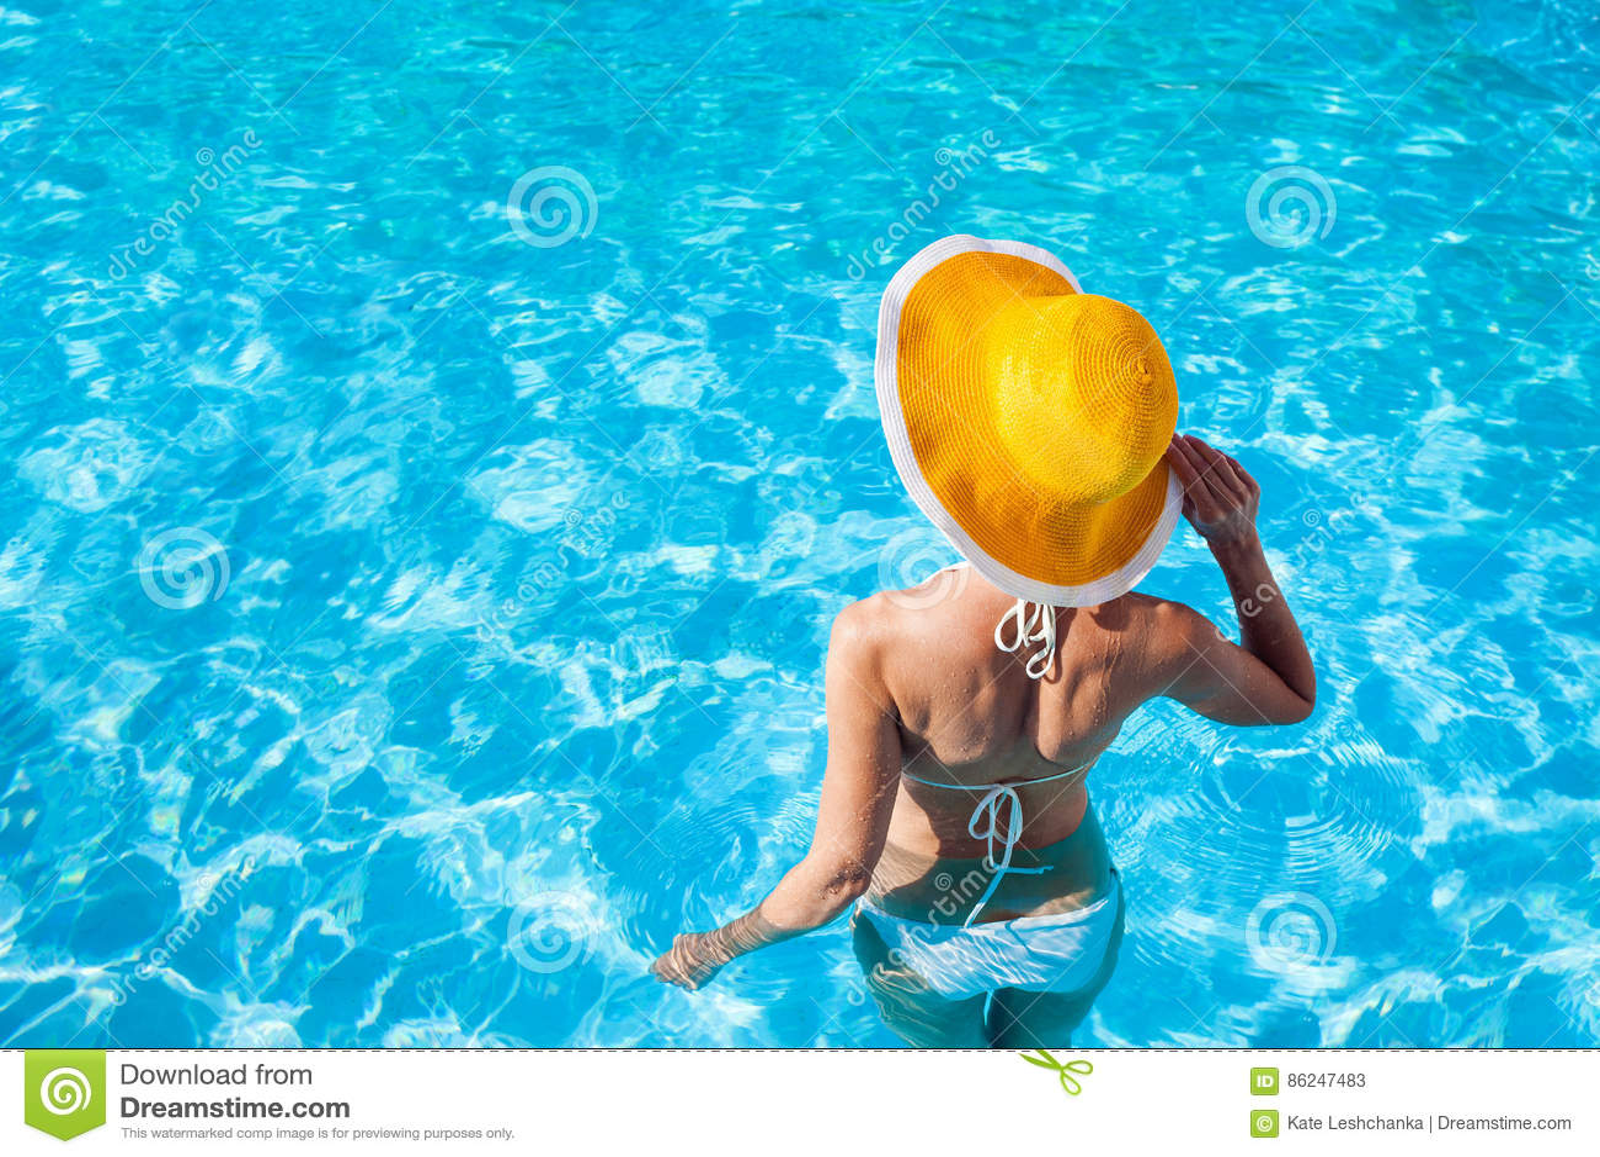 Young woman enjoying summer